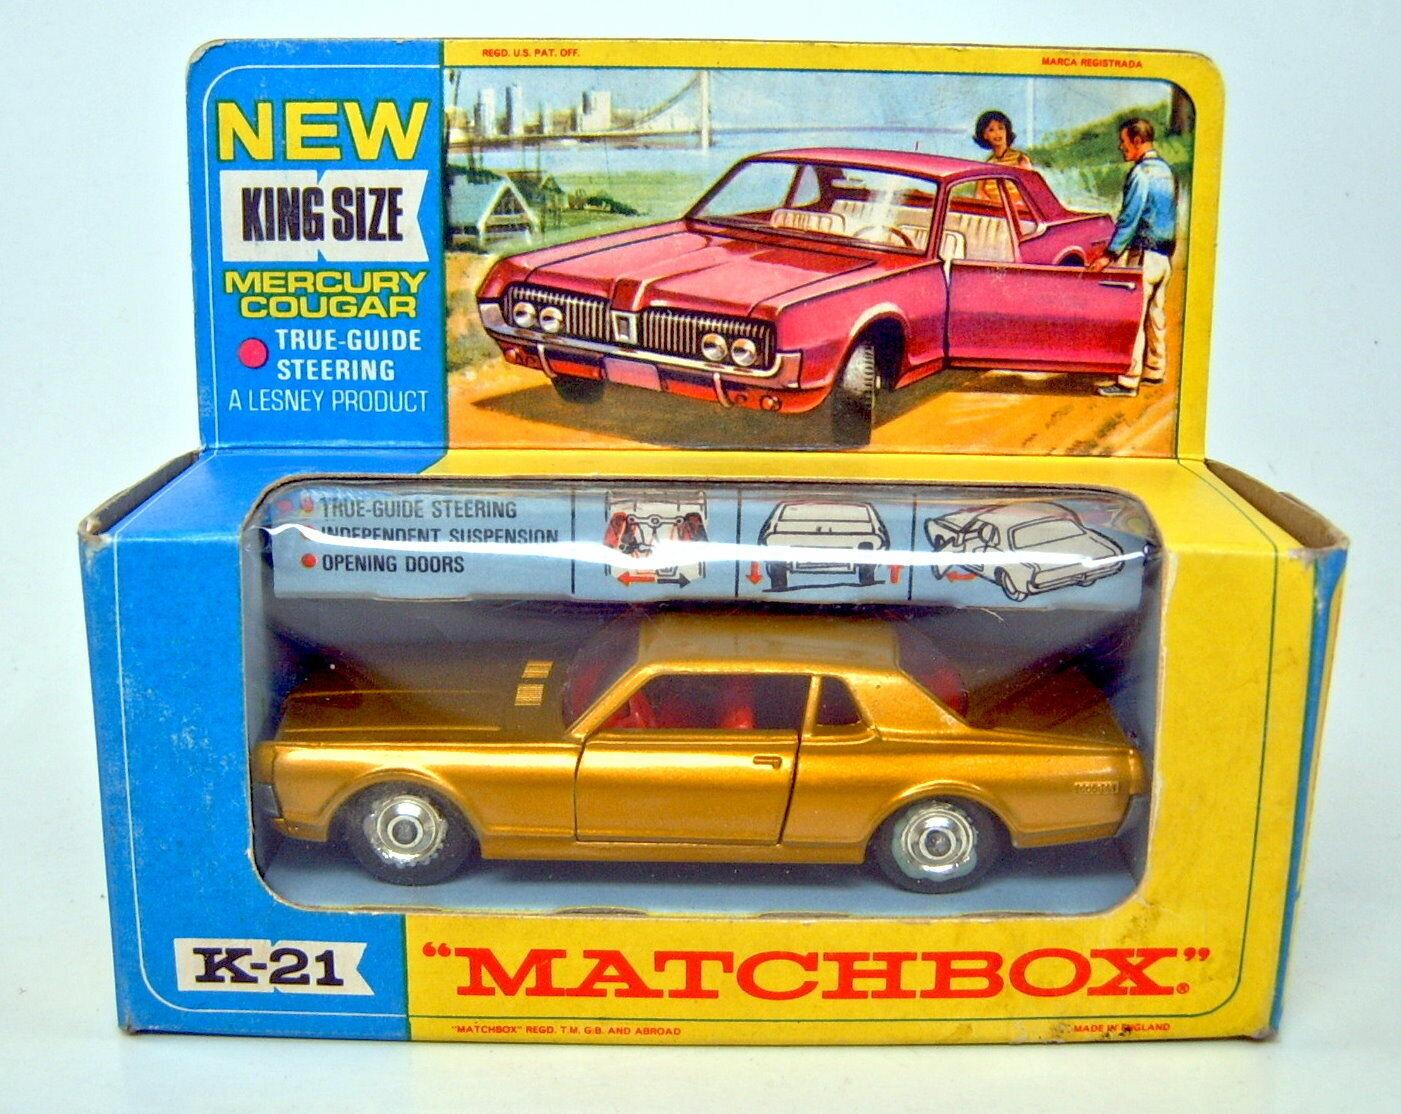 MATCHscatola reDimensione k21 Mercury Cougar oro METtuttiIZZATO TOP IN scatola